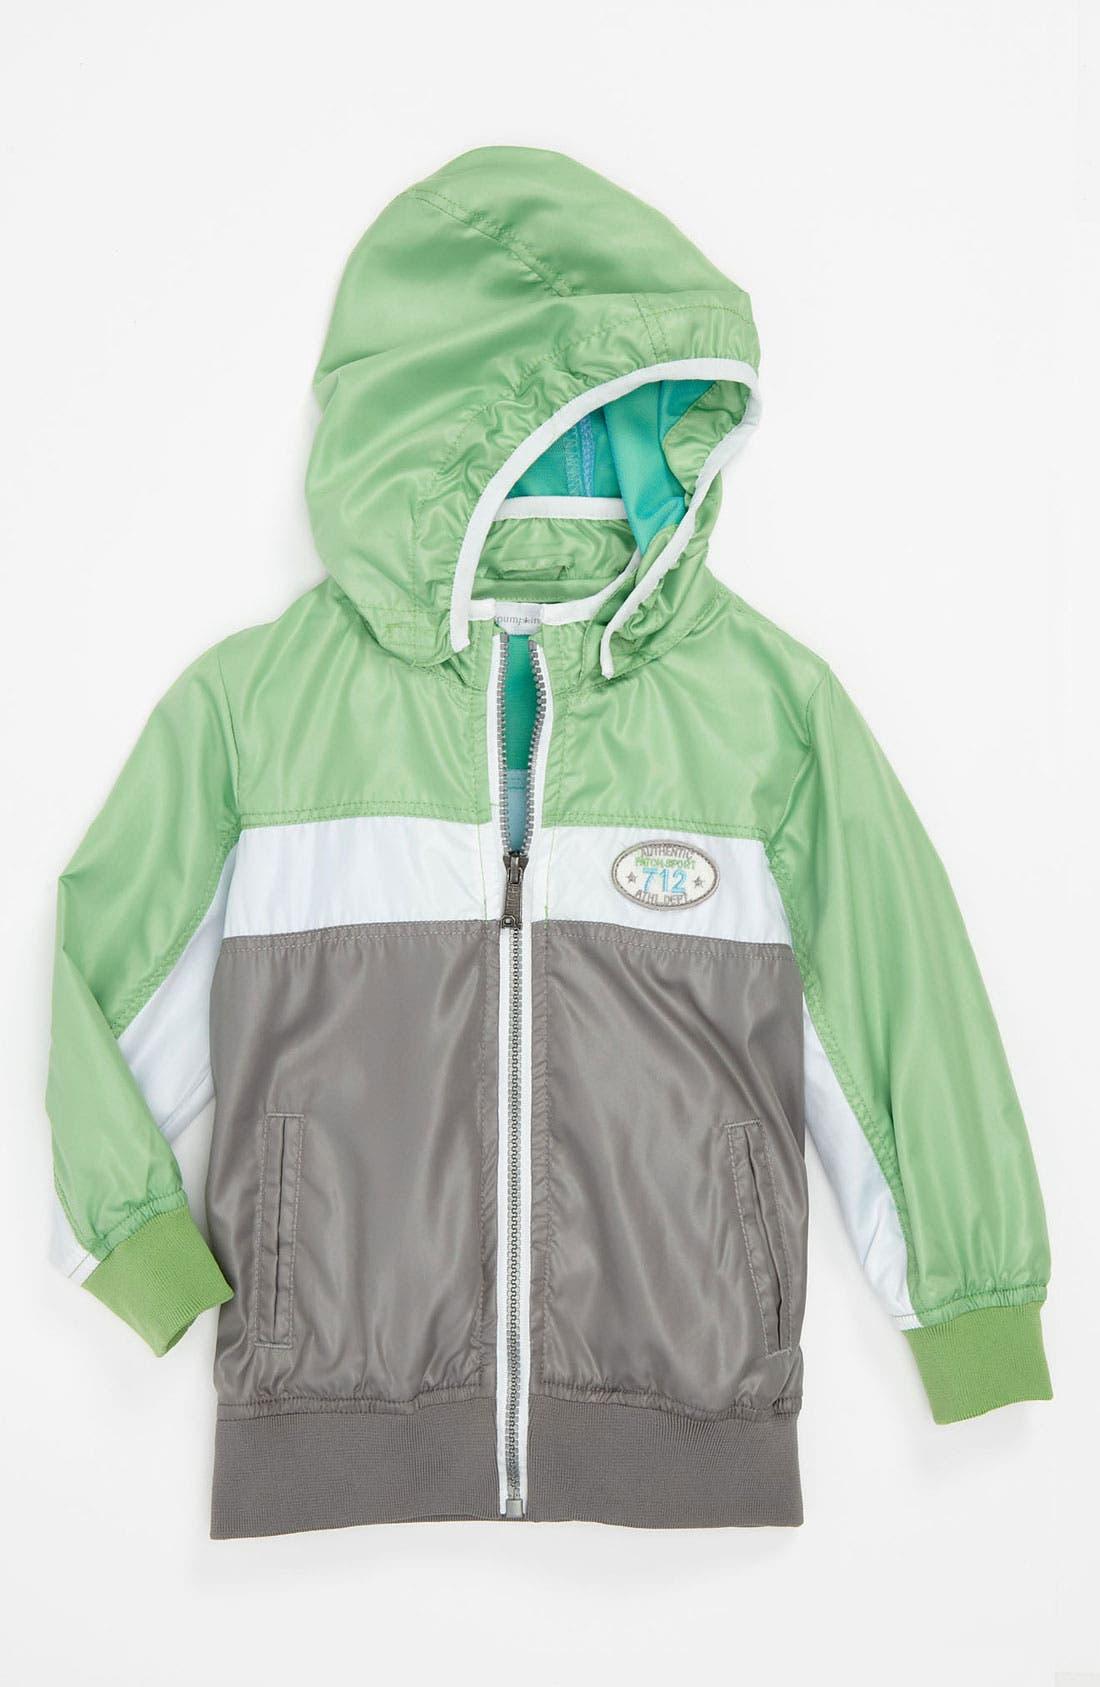 Alternate Image 1 Selected - Pumpkin Patch Hooded Jacket (Infant)